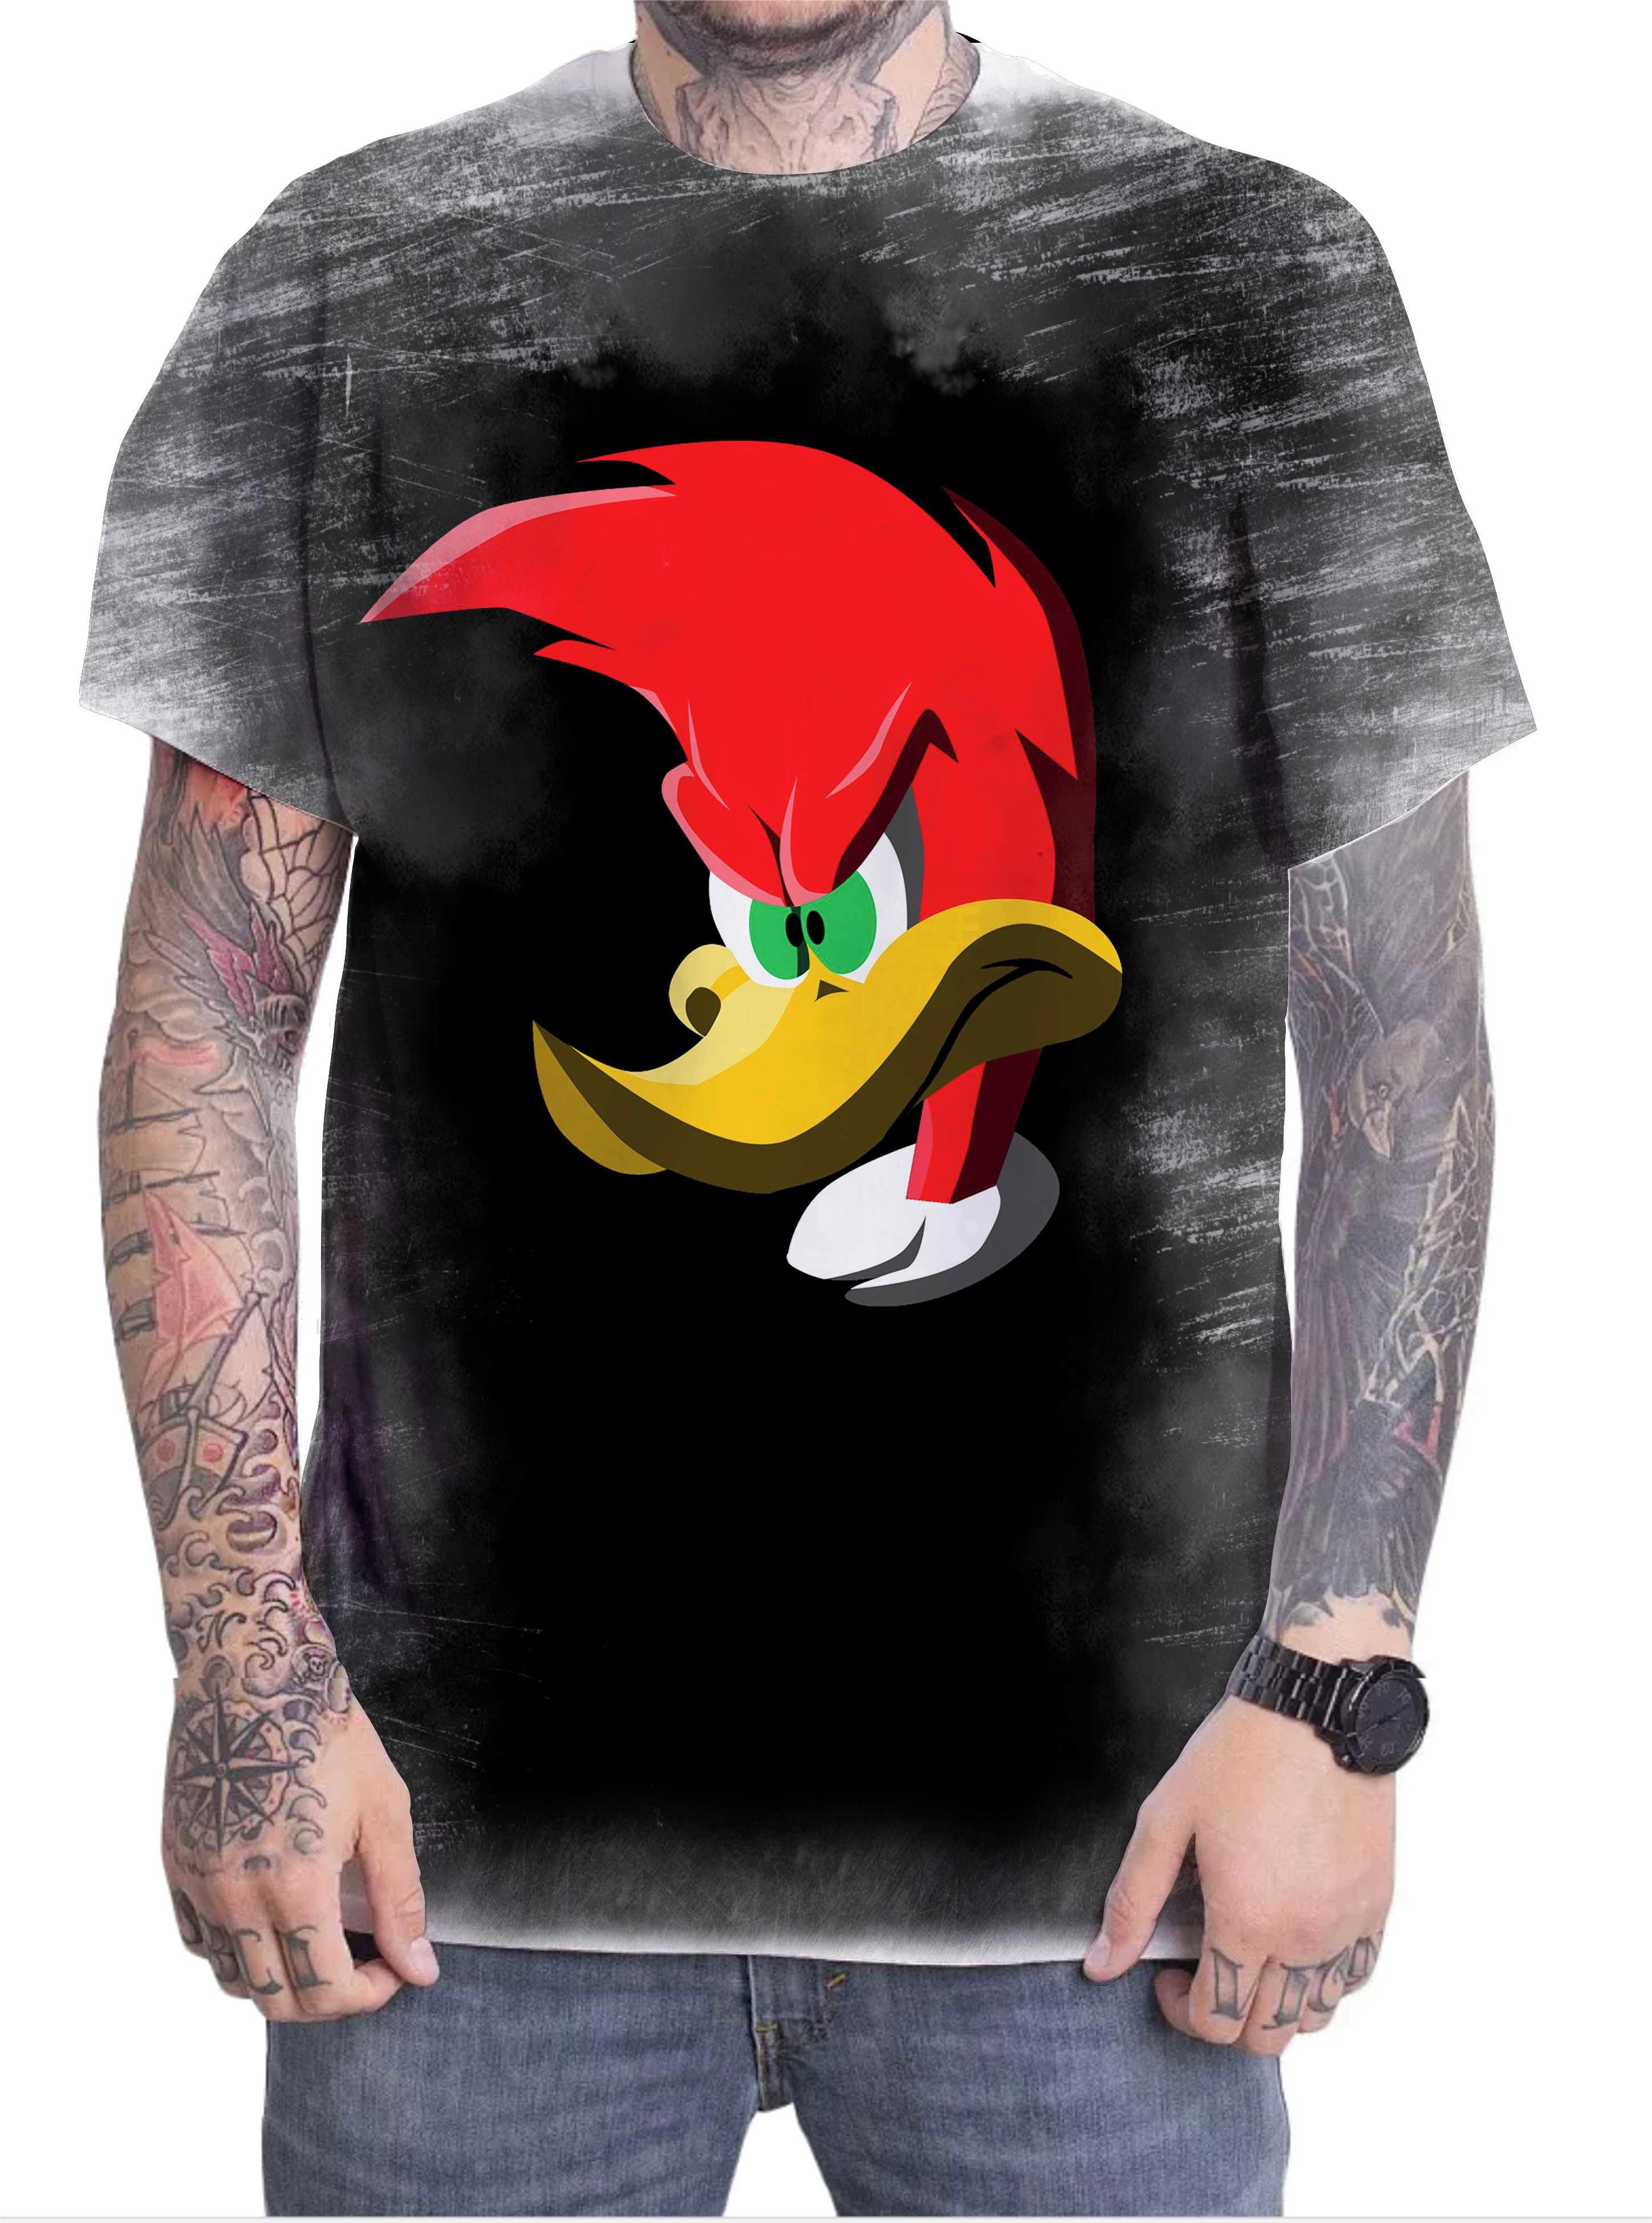 Camisa do Pica Pau Anime  1e31c9ecf30ef